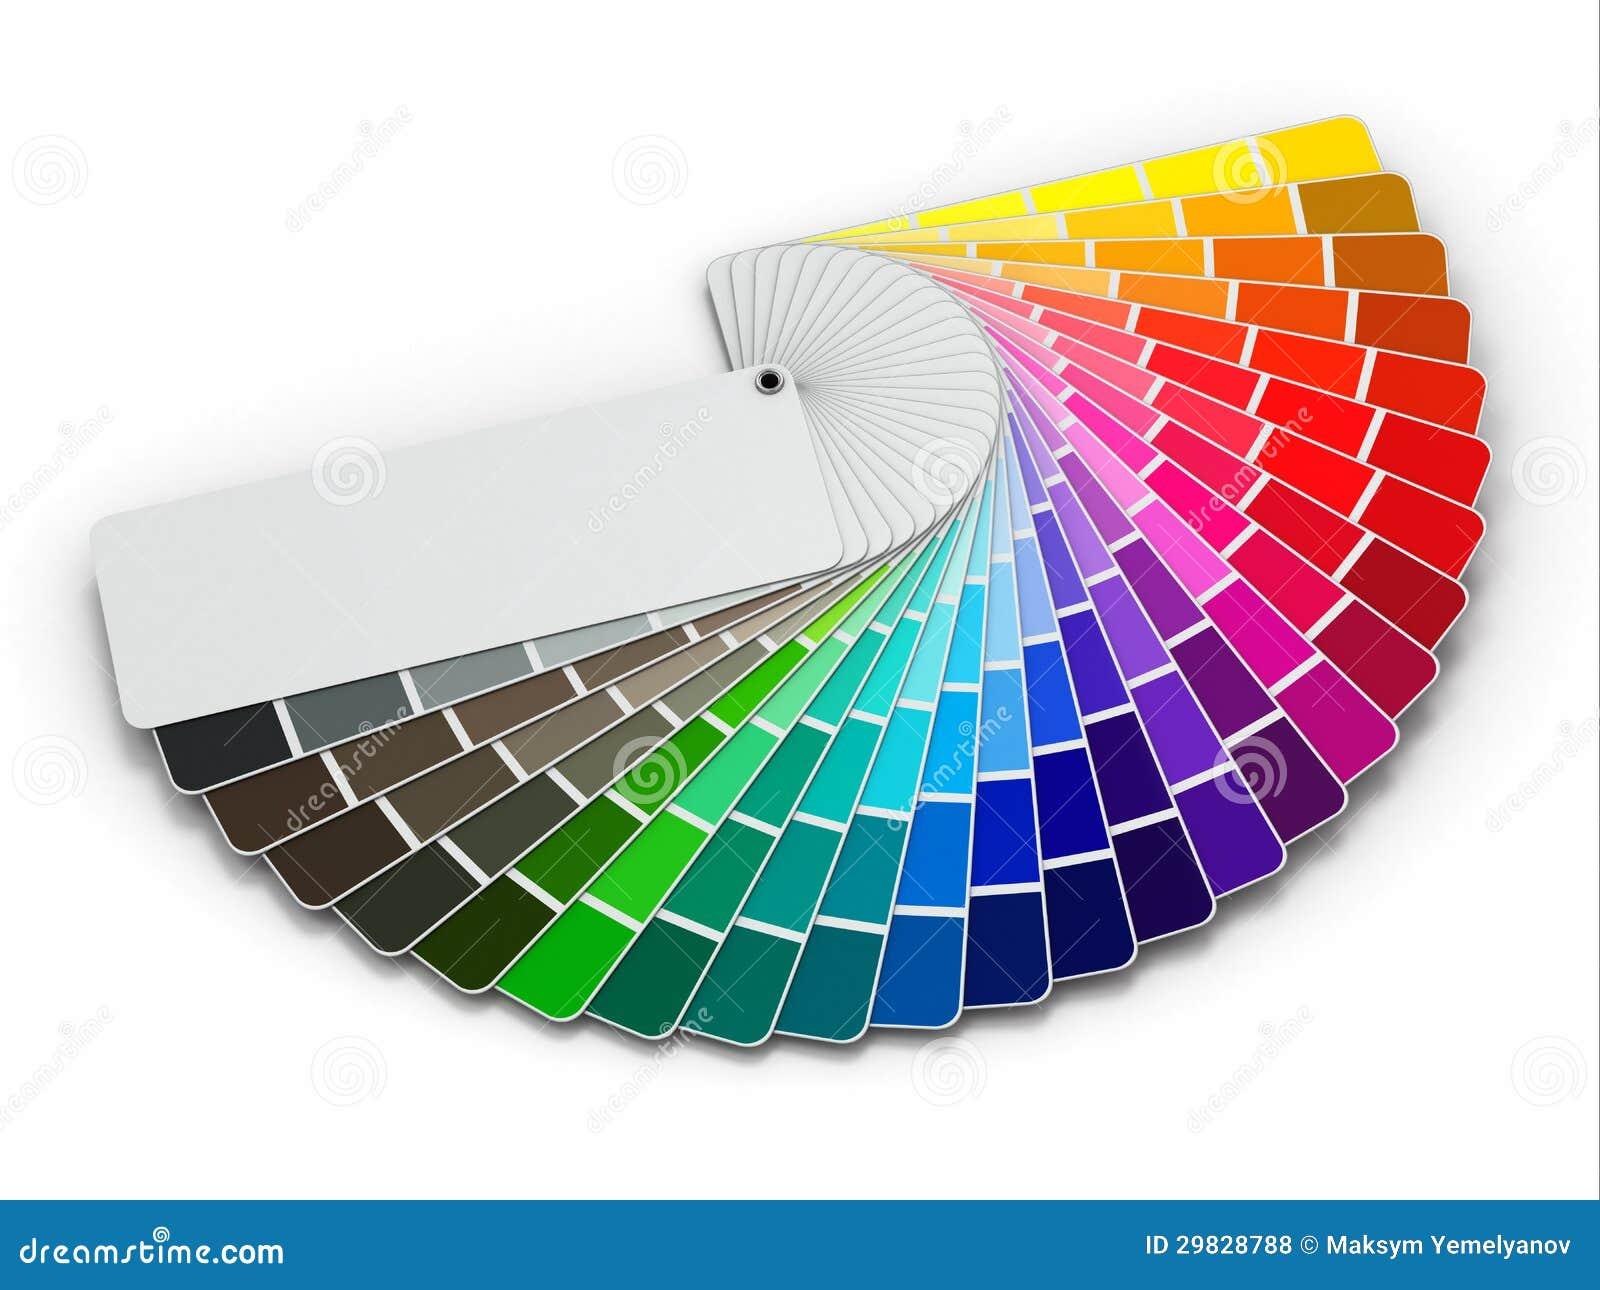 Gu a de la paleta de colores en el fondo blanco - El color en la arquitectura ...